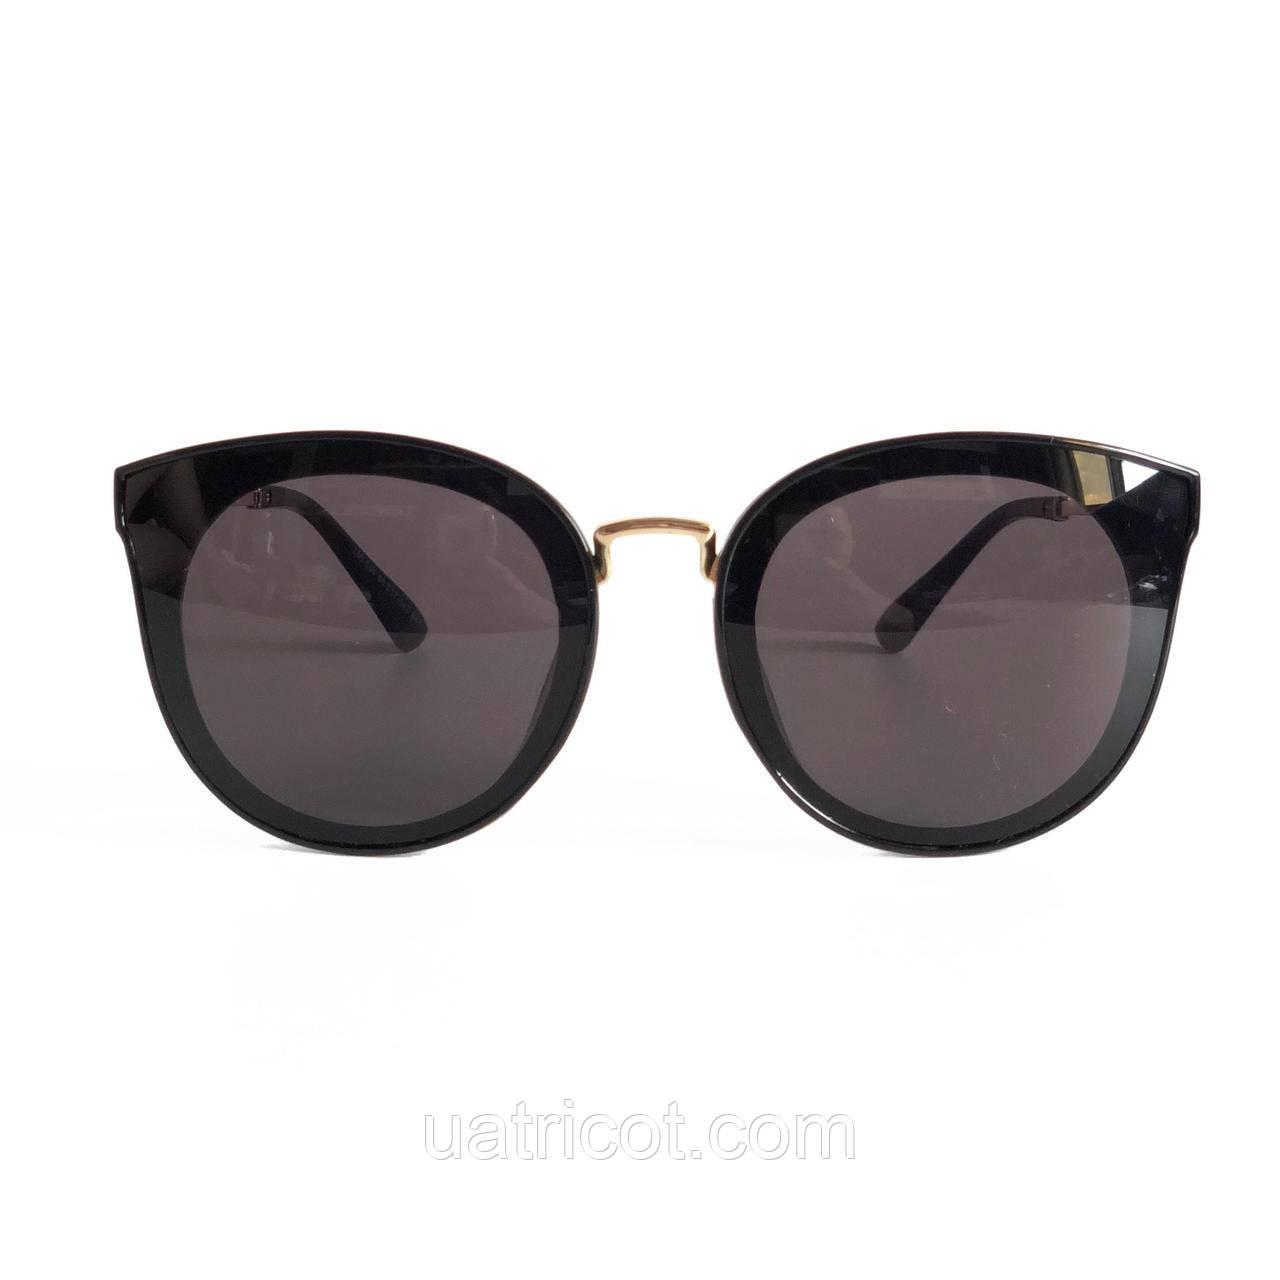 Женские солнцезащитные очки Сat eye с чёрными линзами